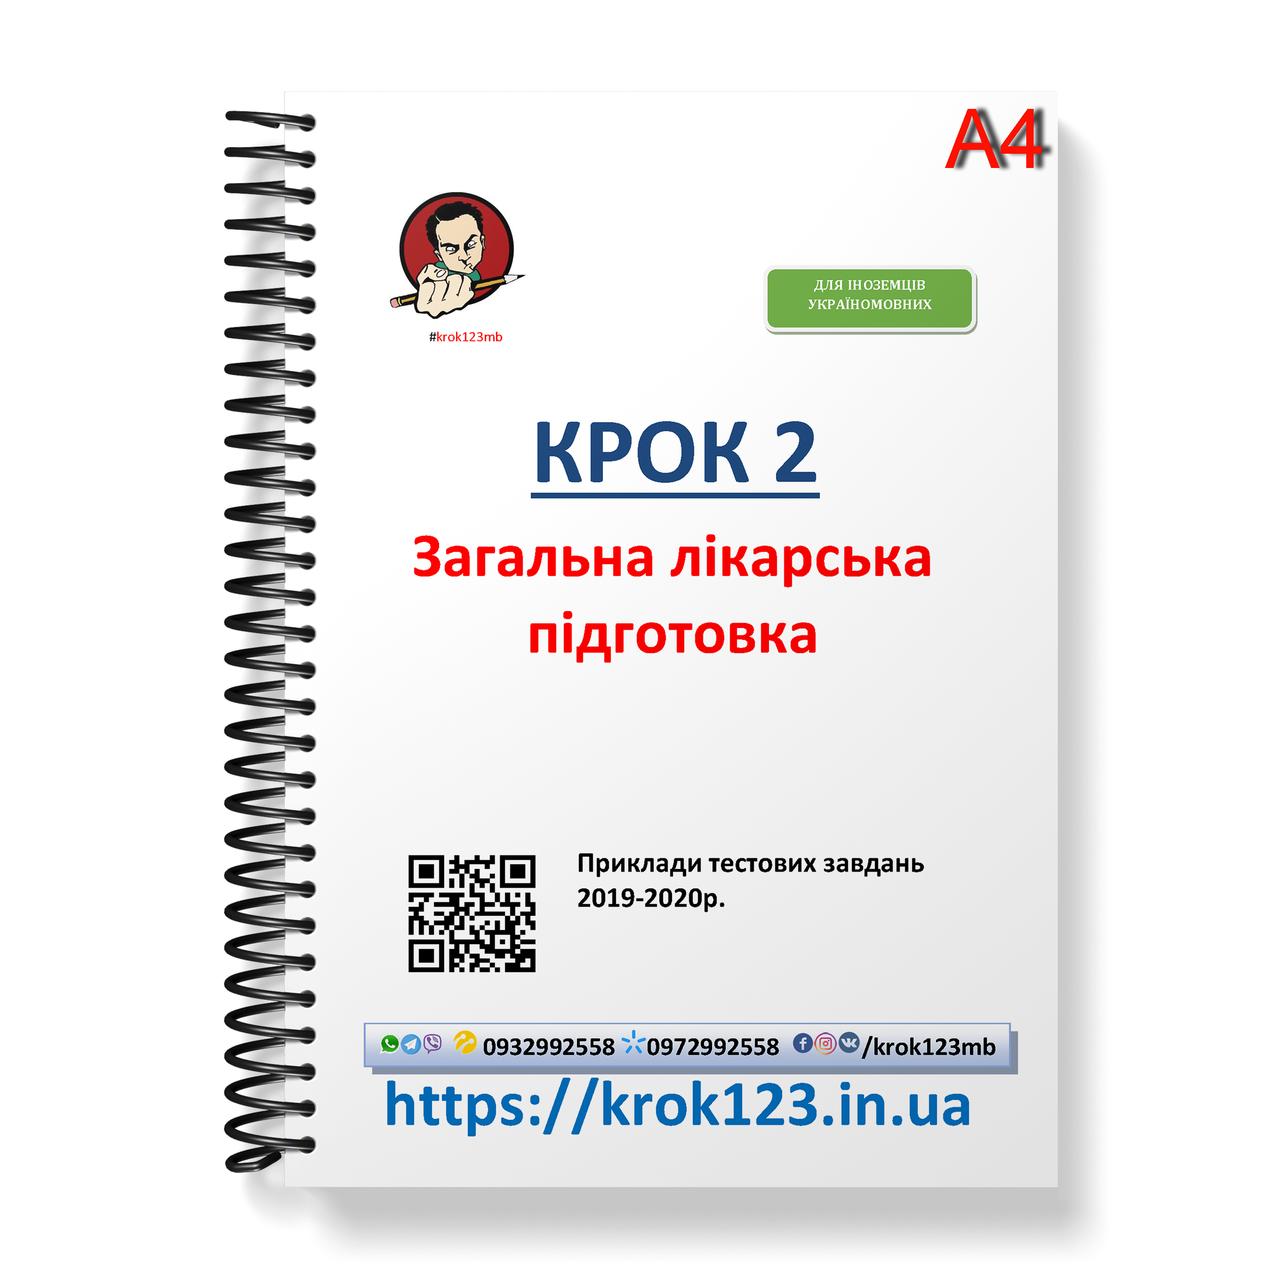 Крок 2. Медицина. ЕГКЭ (Примеры тестовых заданий) 2019-2020. Для иностранцев украиноязычных. Формат А4